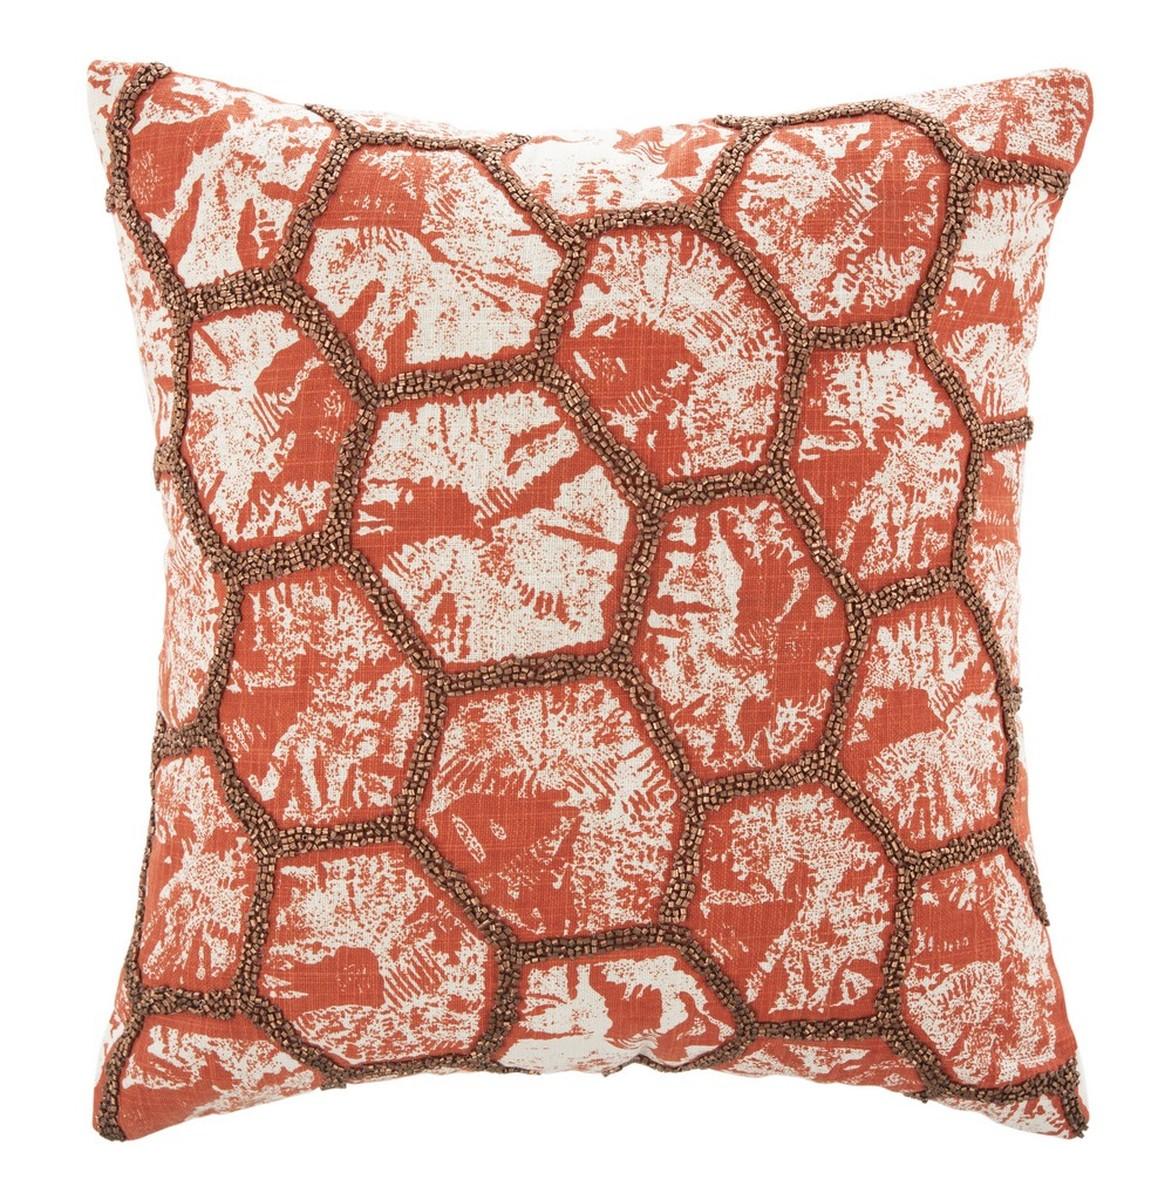 Tremendous Pls2506A Pillows Safavieh Pabps2019 Chair Design Images Pabps2019Com